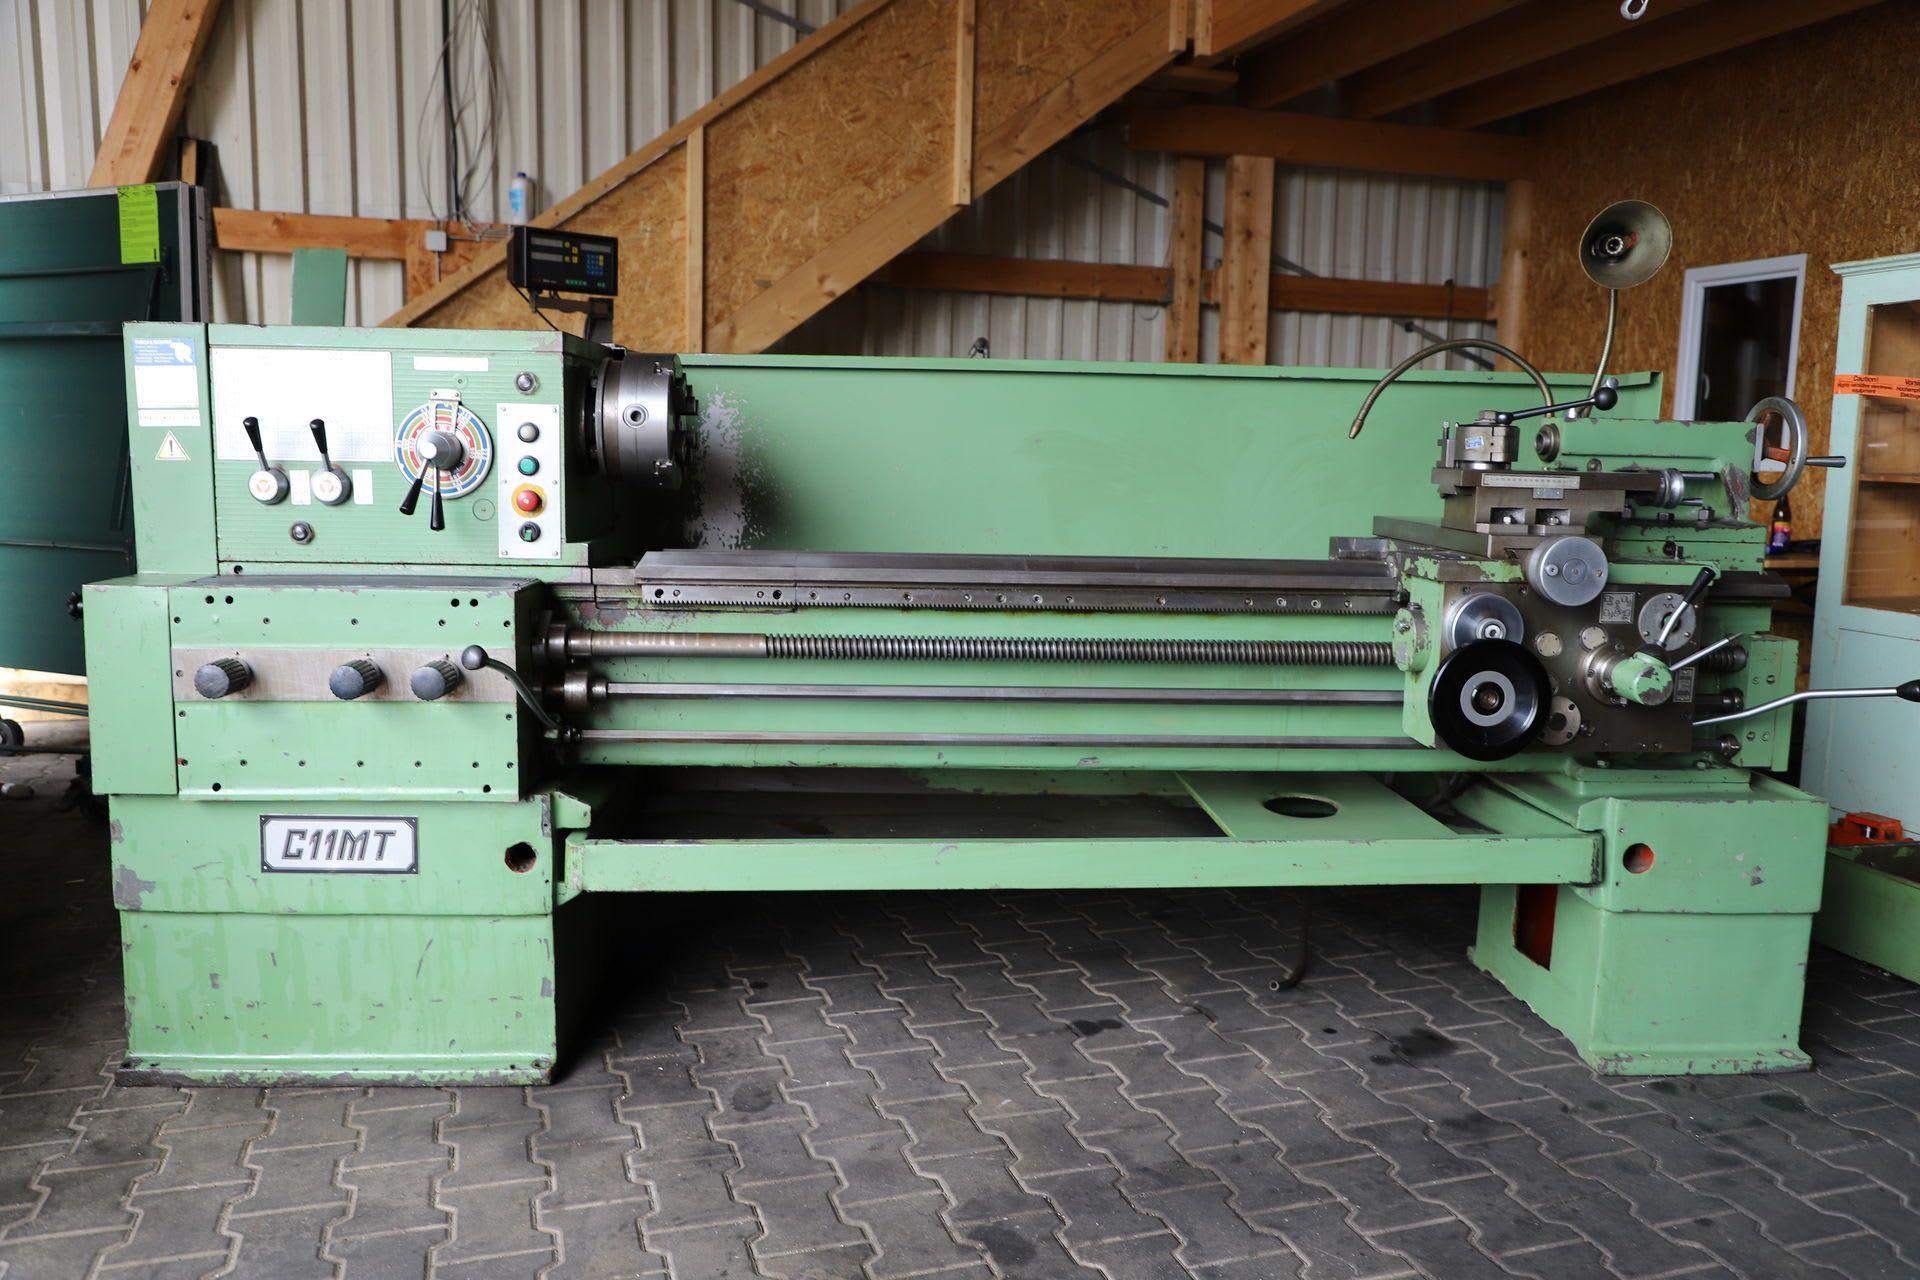 C11 MT Leit- und Zugspindeldrehmaschine